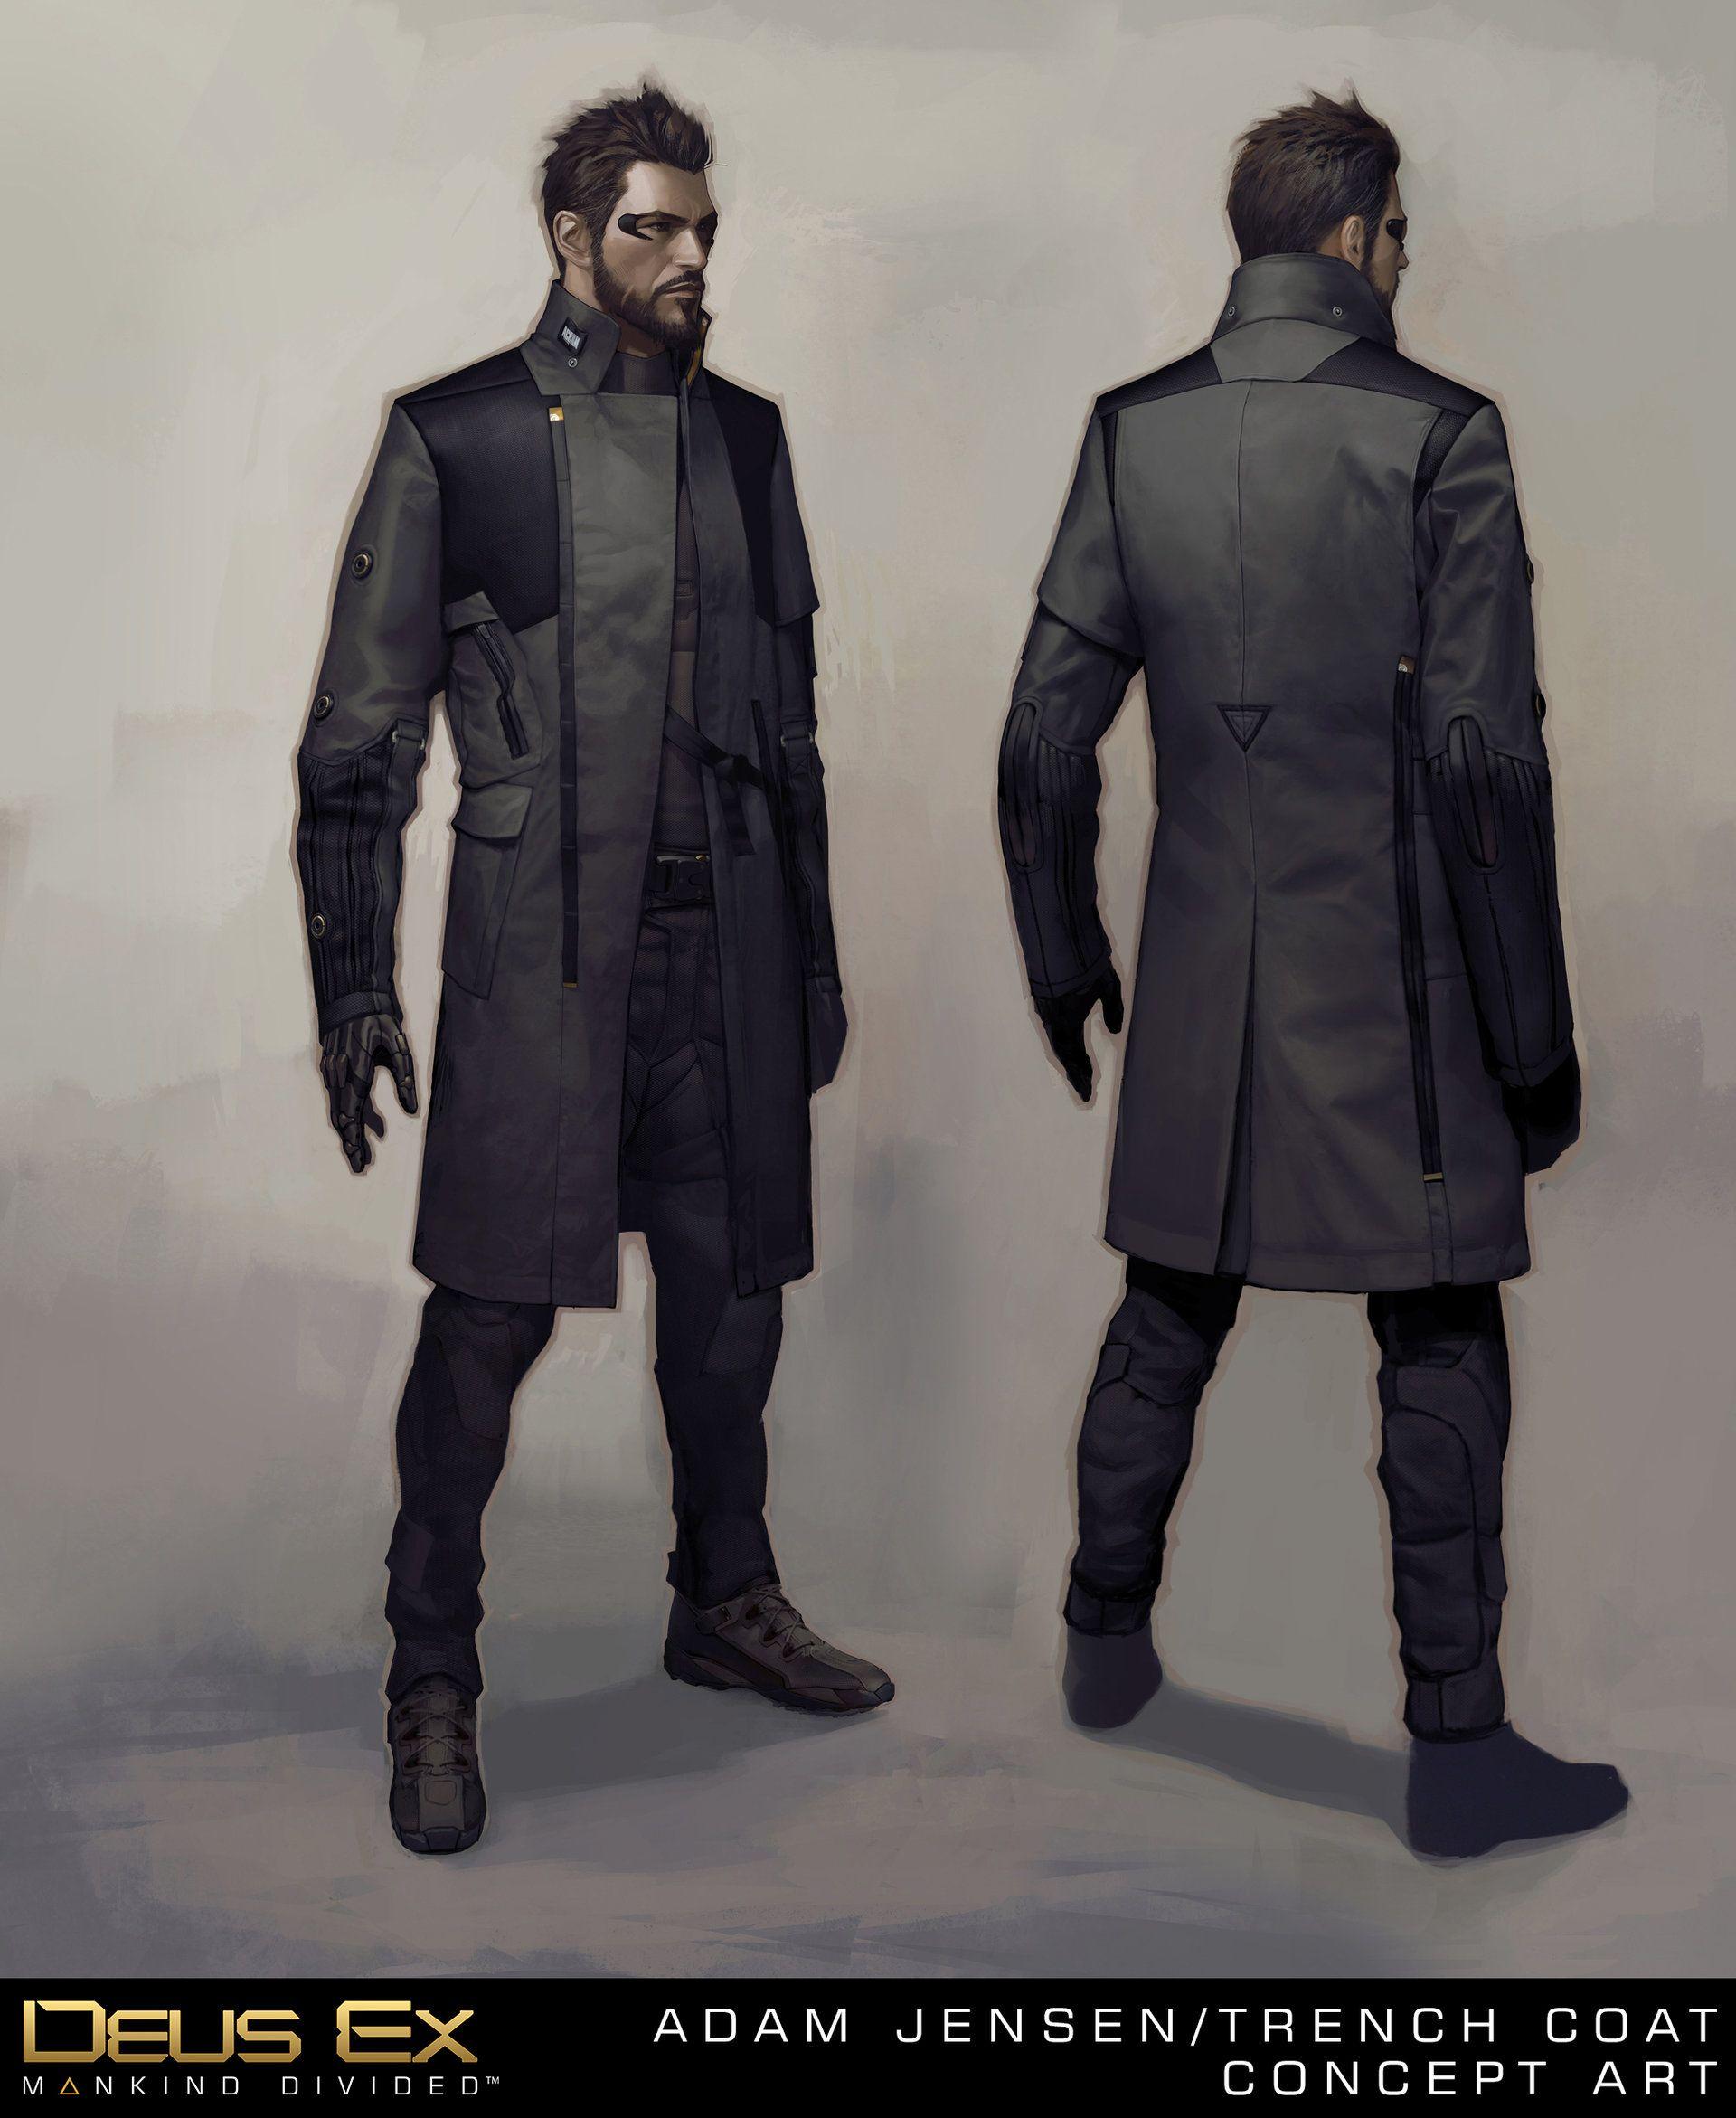 ArtStation - Adam Jensen's New Coat, Frédéric Bennett